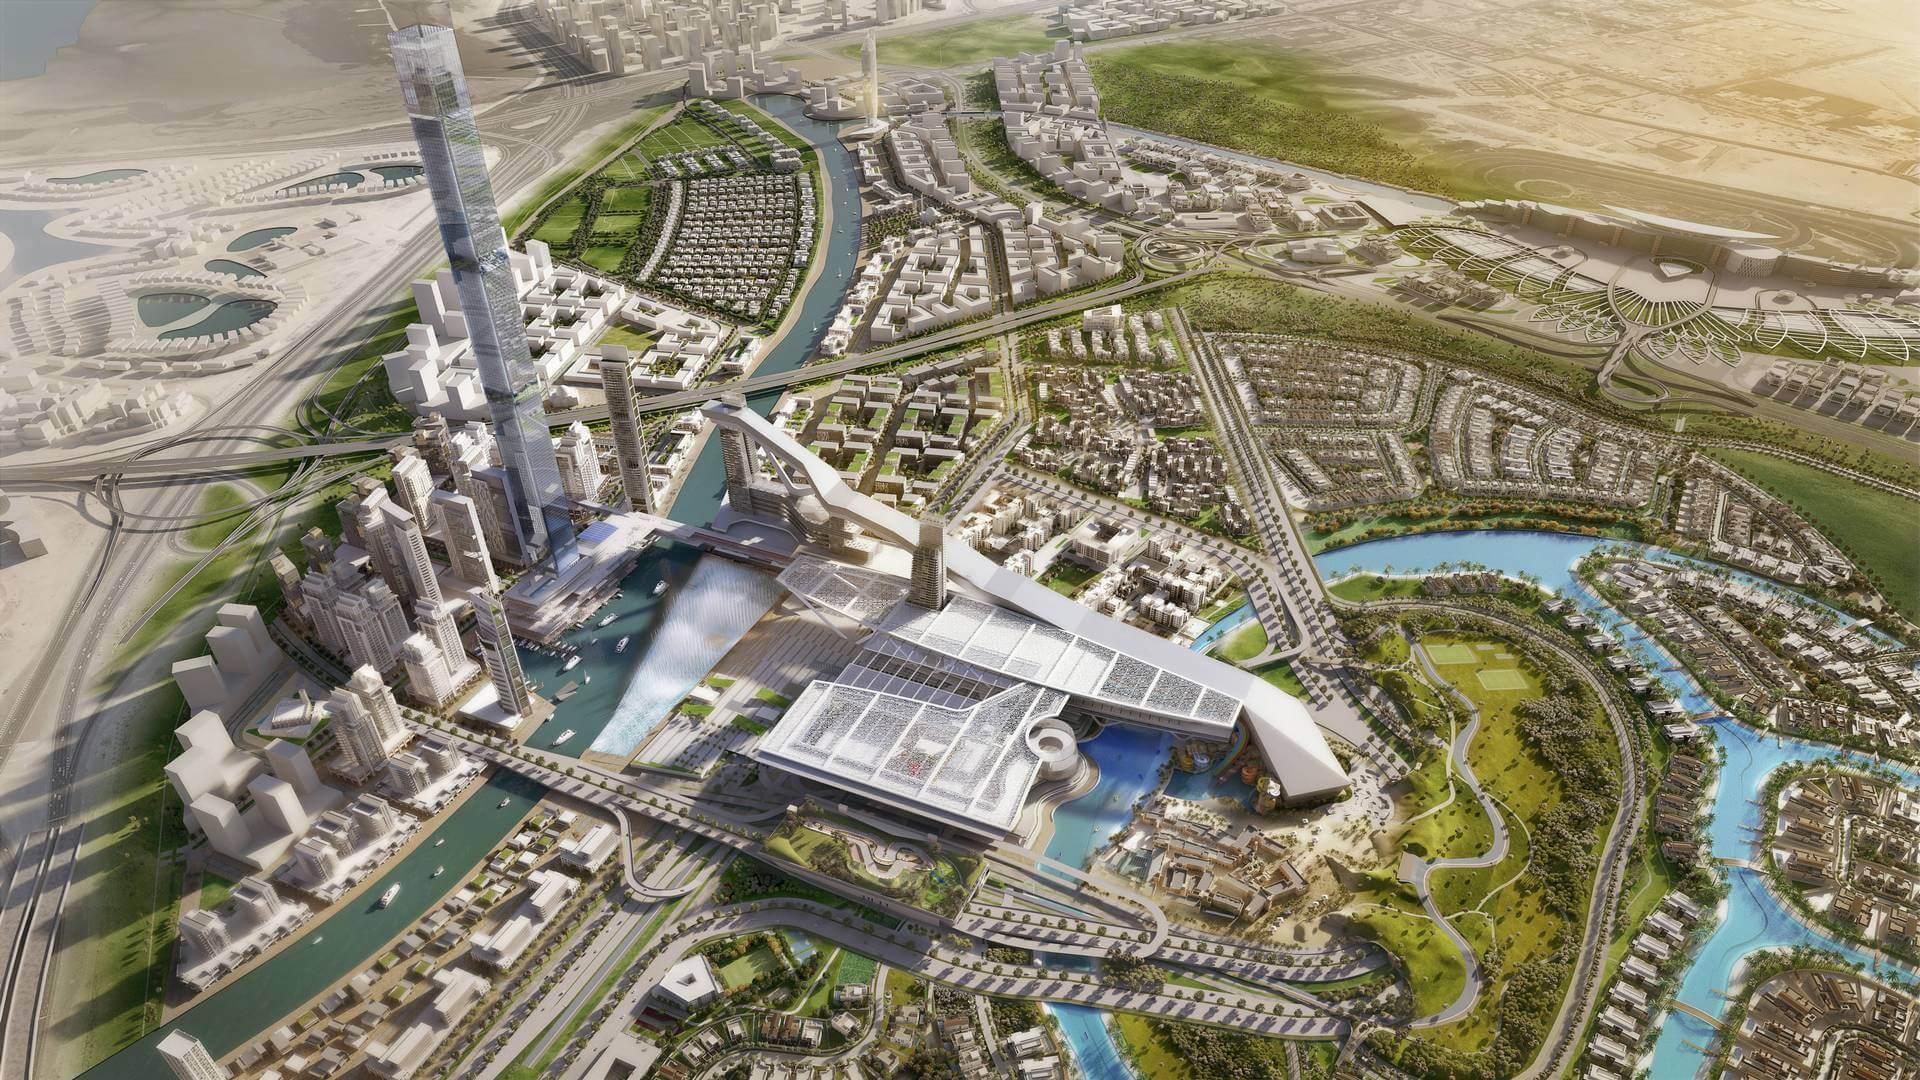 Ciudad Mohammed Bin Rashid (Ciudad MBR) - 1